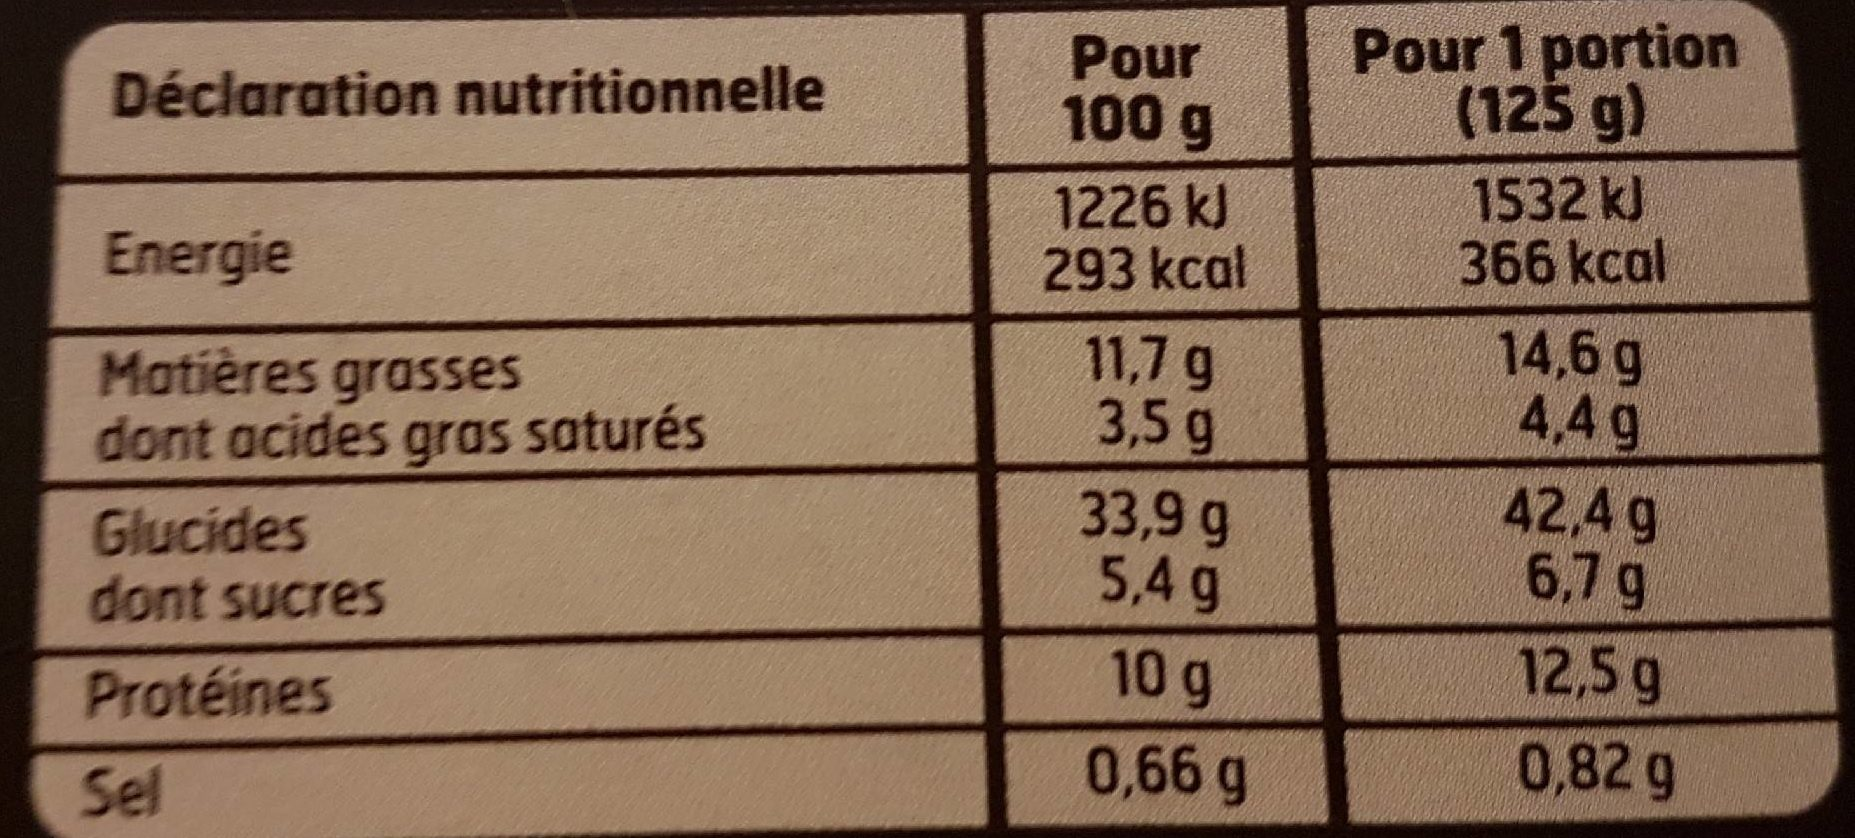 Girasole Tomate à la Mozzarella - Informations nutritionnelles - fr